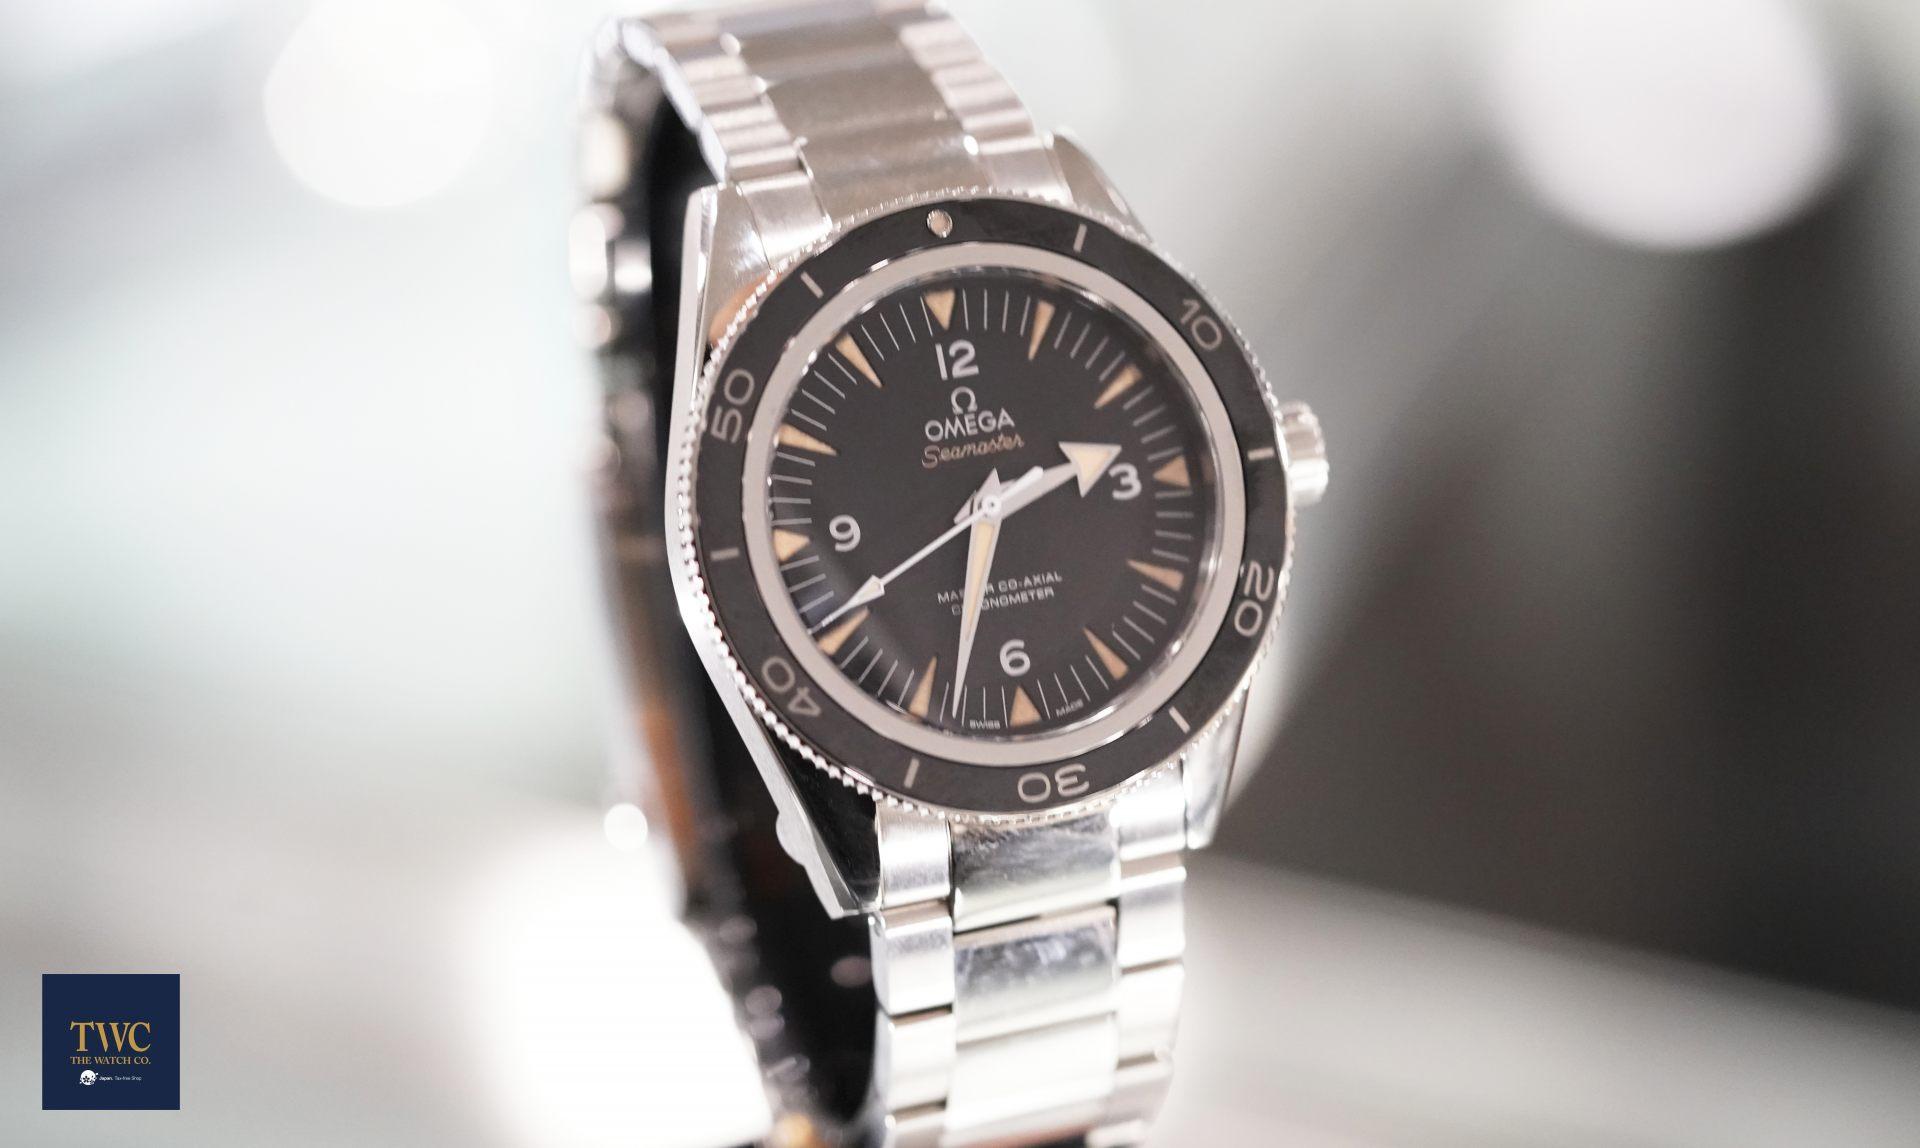 海馬300大師同軸擒縱腕錶